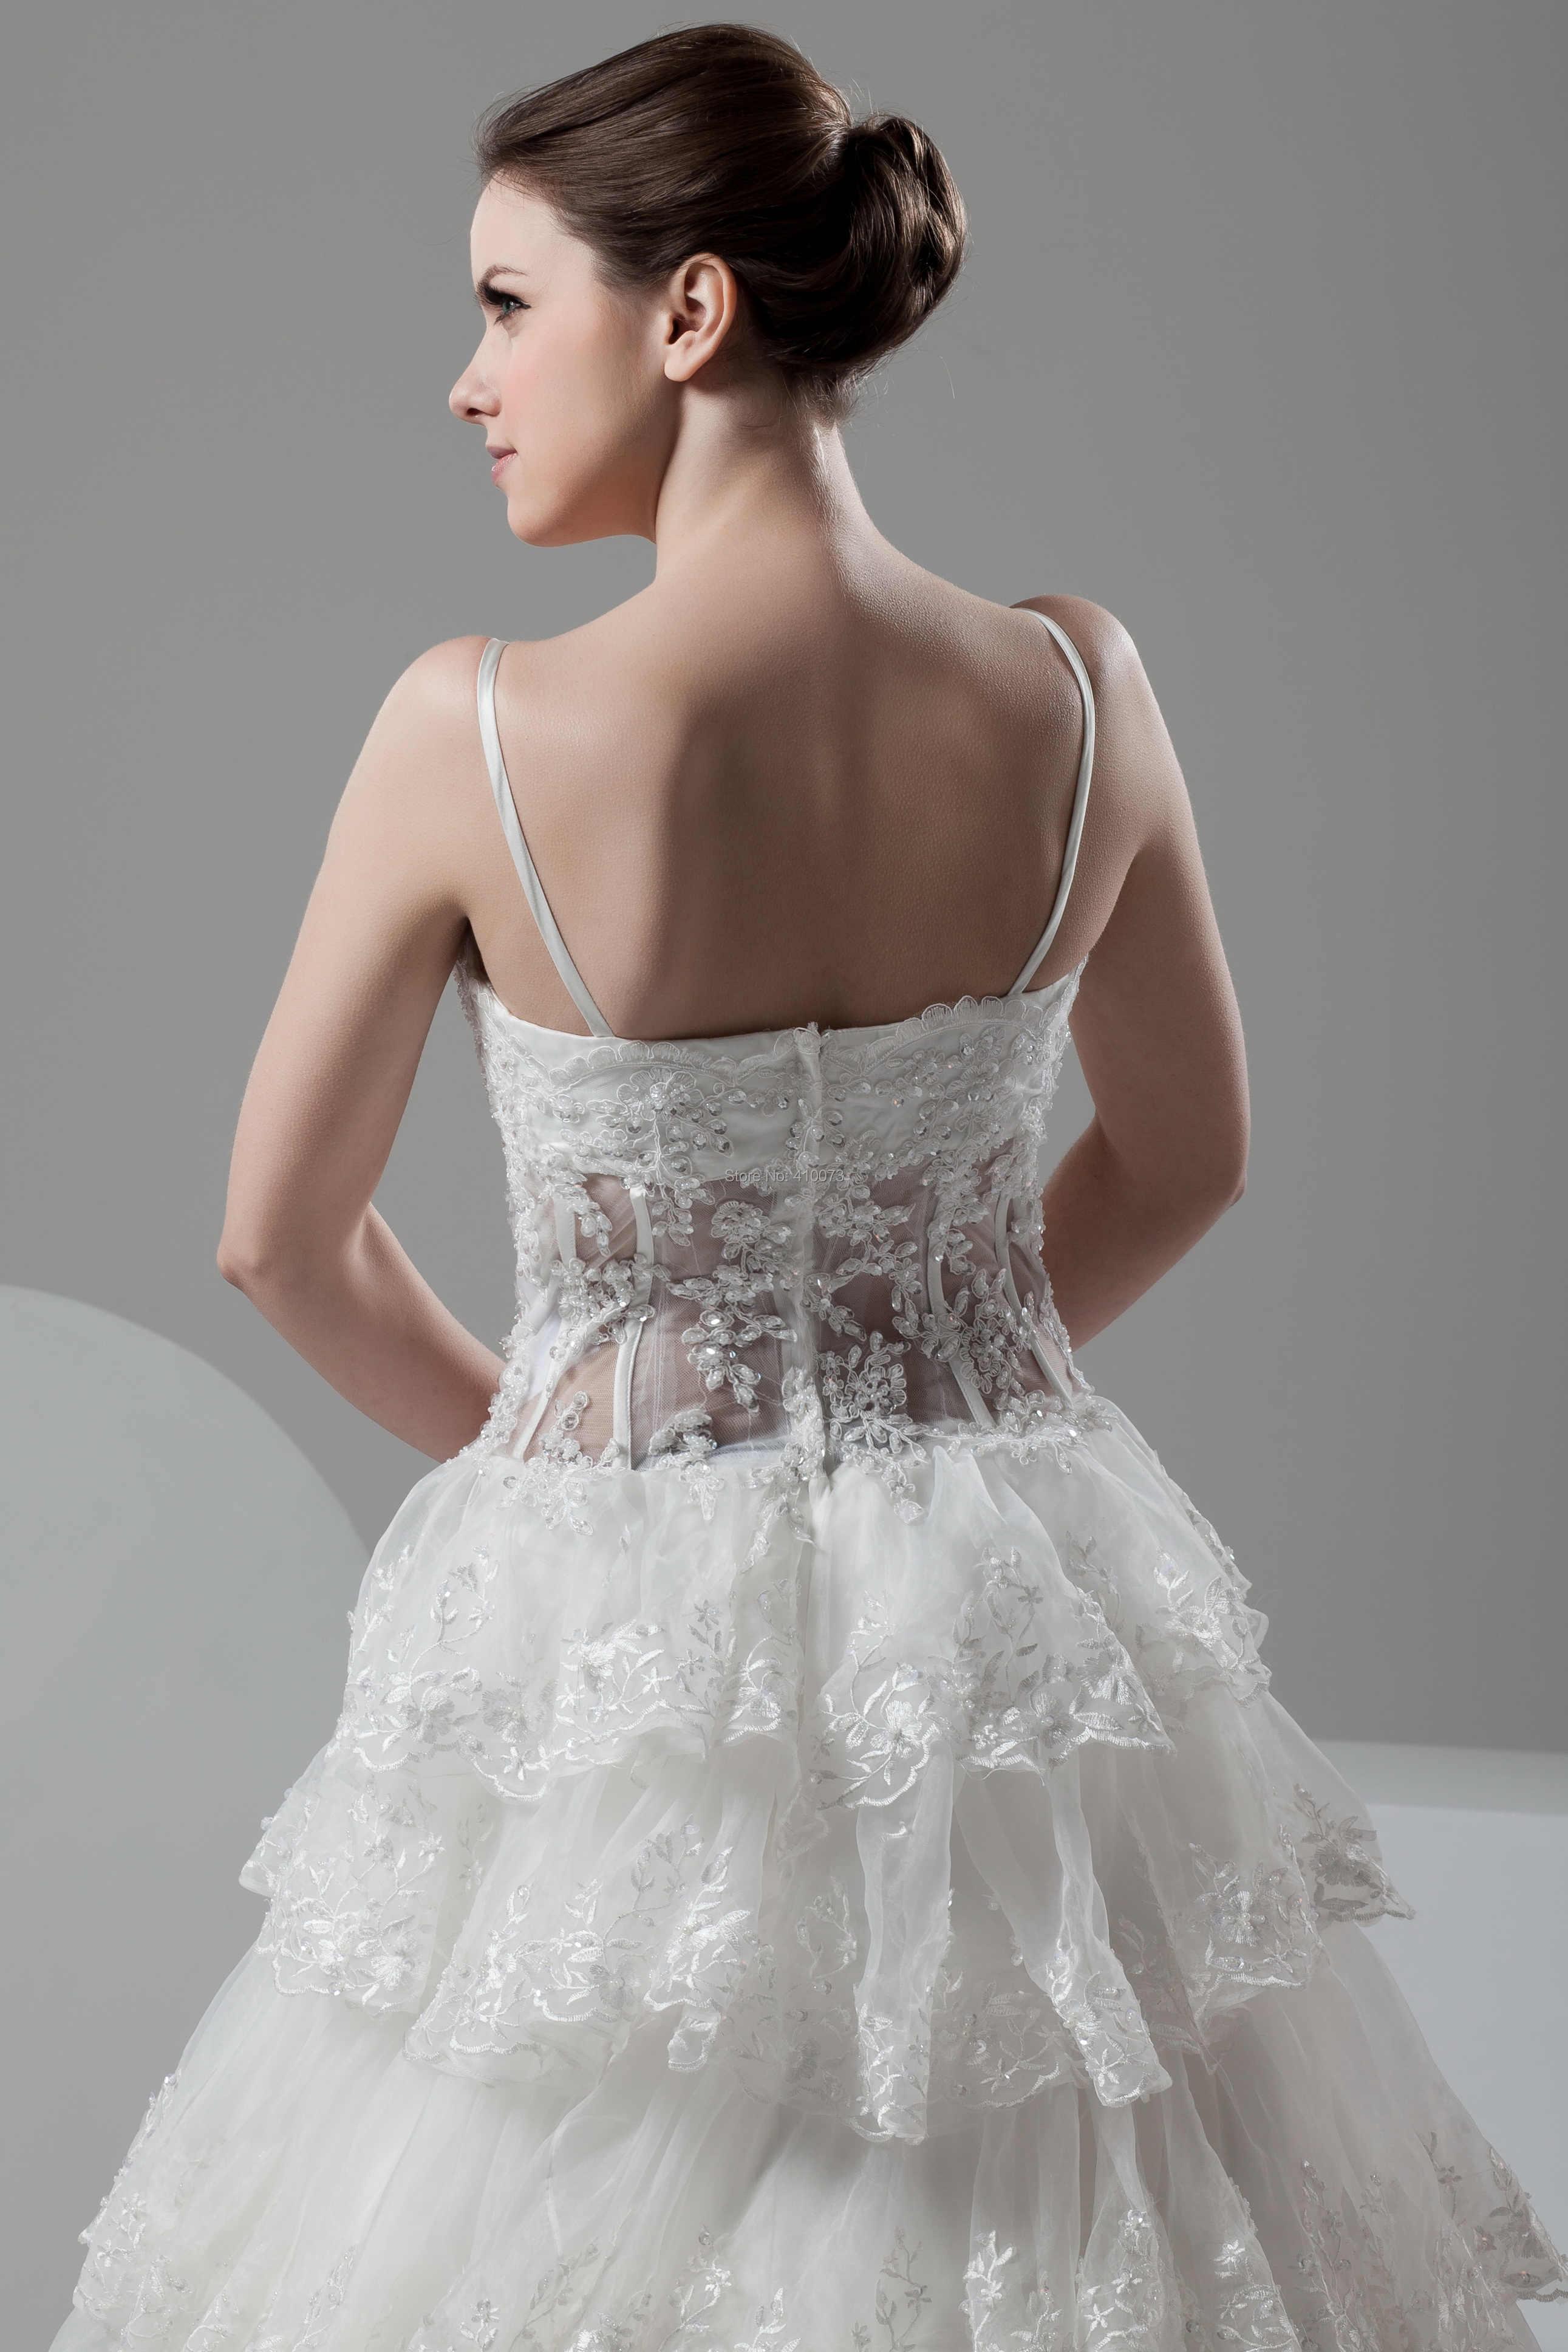 Eren Jossie Последняя Мода Королевская королева сад шикарное свадебное платье с бисерные Аппликации 100% Высокое качество